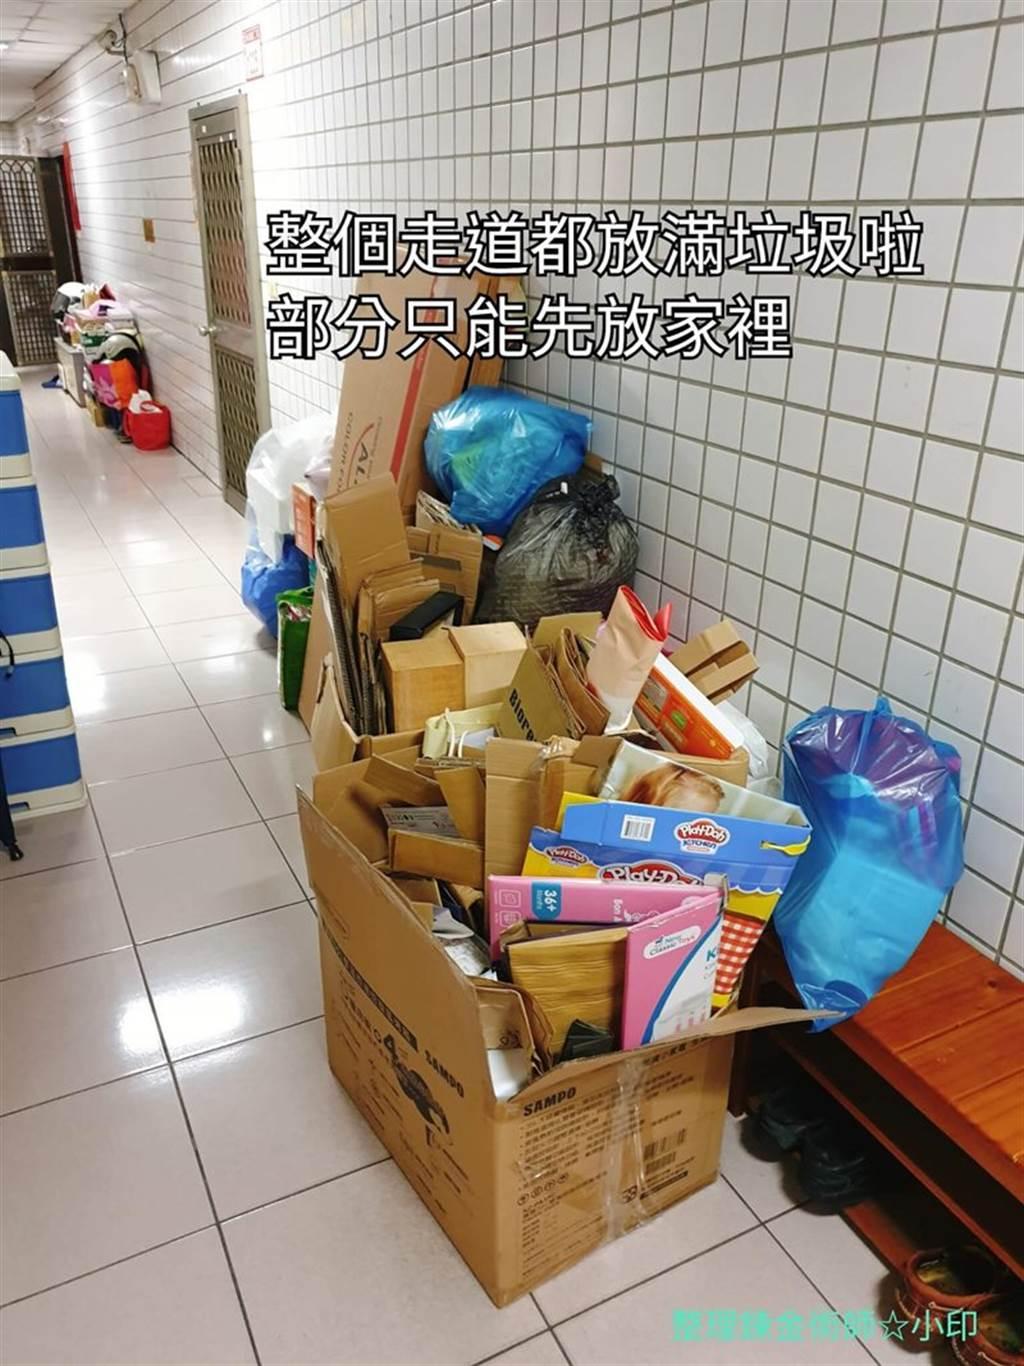 這次清出來的物品很多都有5年以上的歷史了,建議大家不定時檢視家中空間,將沒有用到的物品捐贈、回收、販售,讓房子煥然一新喔。(圖片提供/小印)